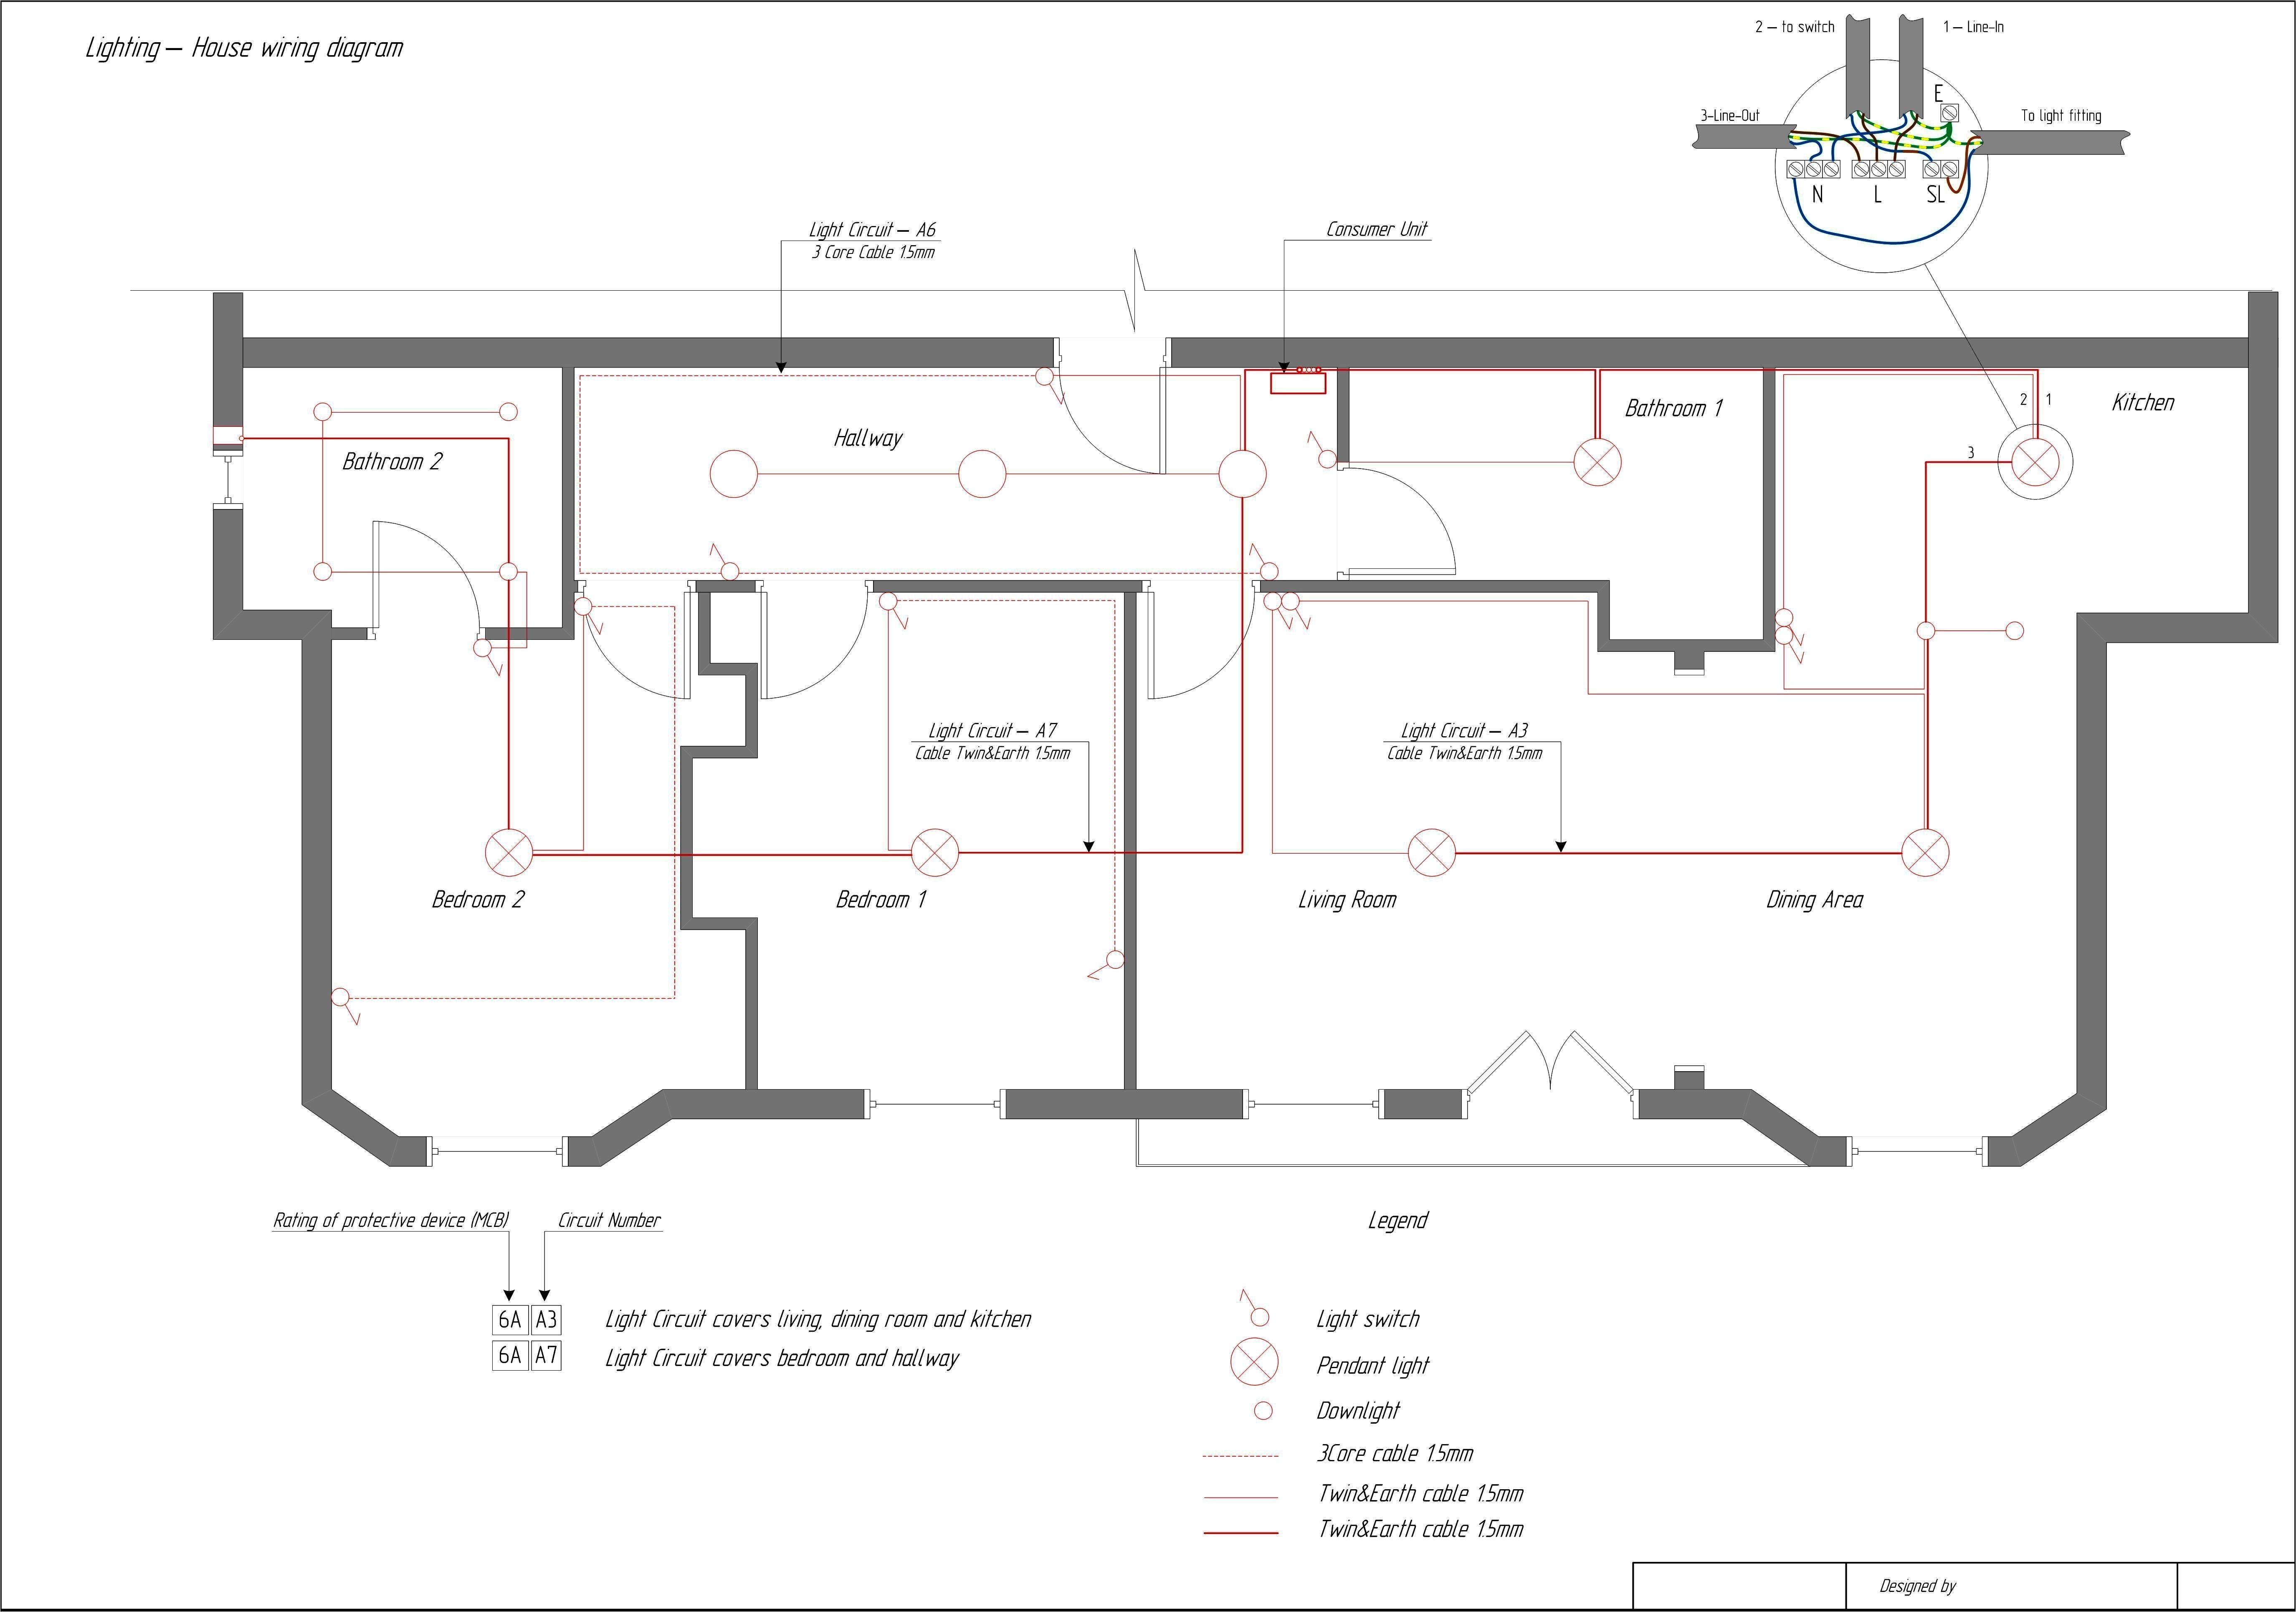 bmw e83 wiring diagram manual e book floor dimmer switch wiring diagram floor wiring diagram